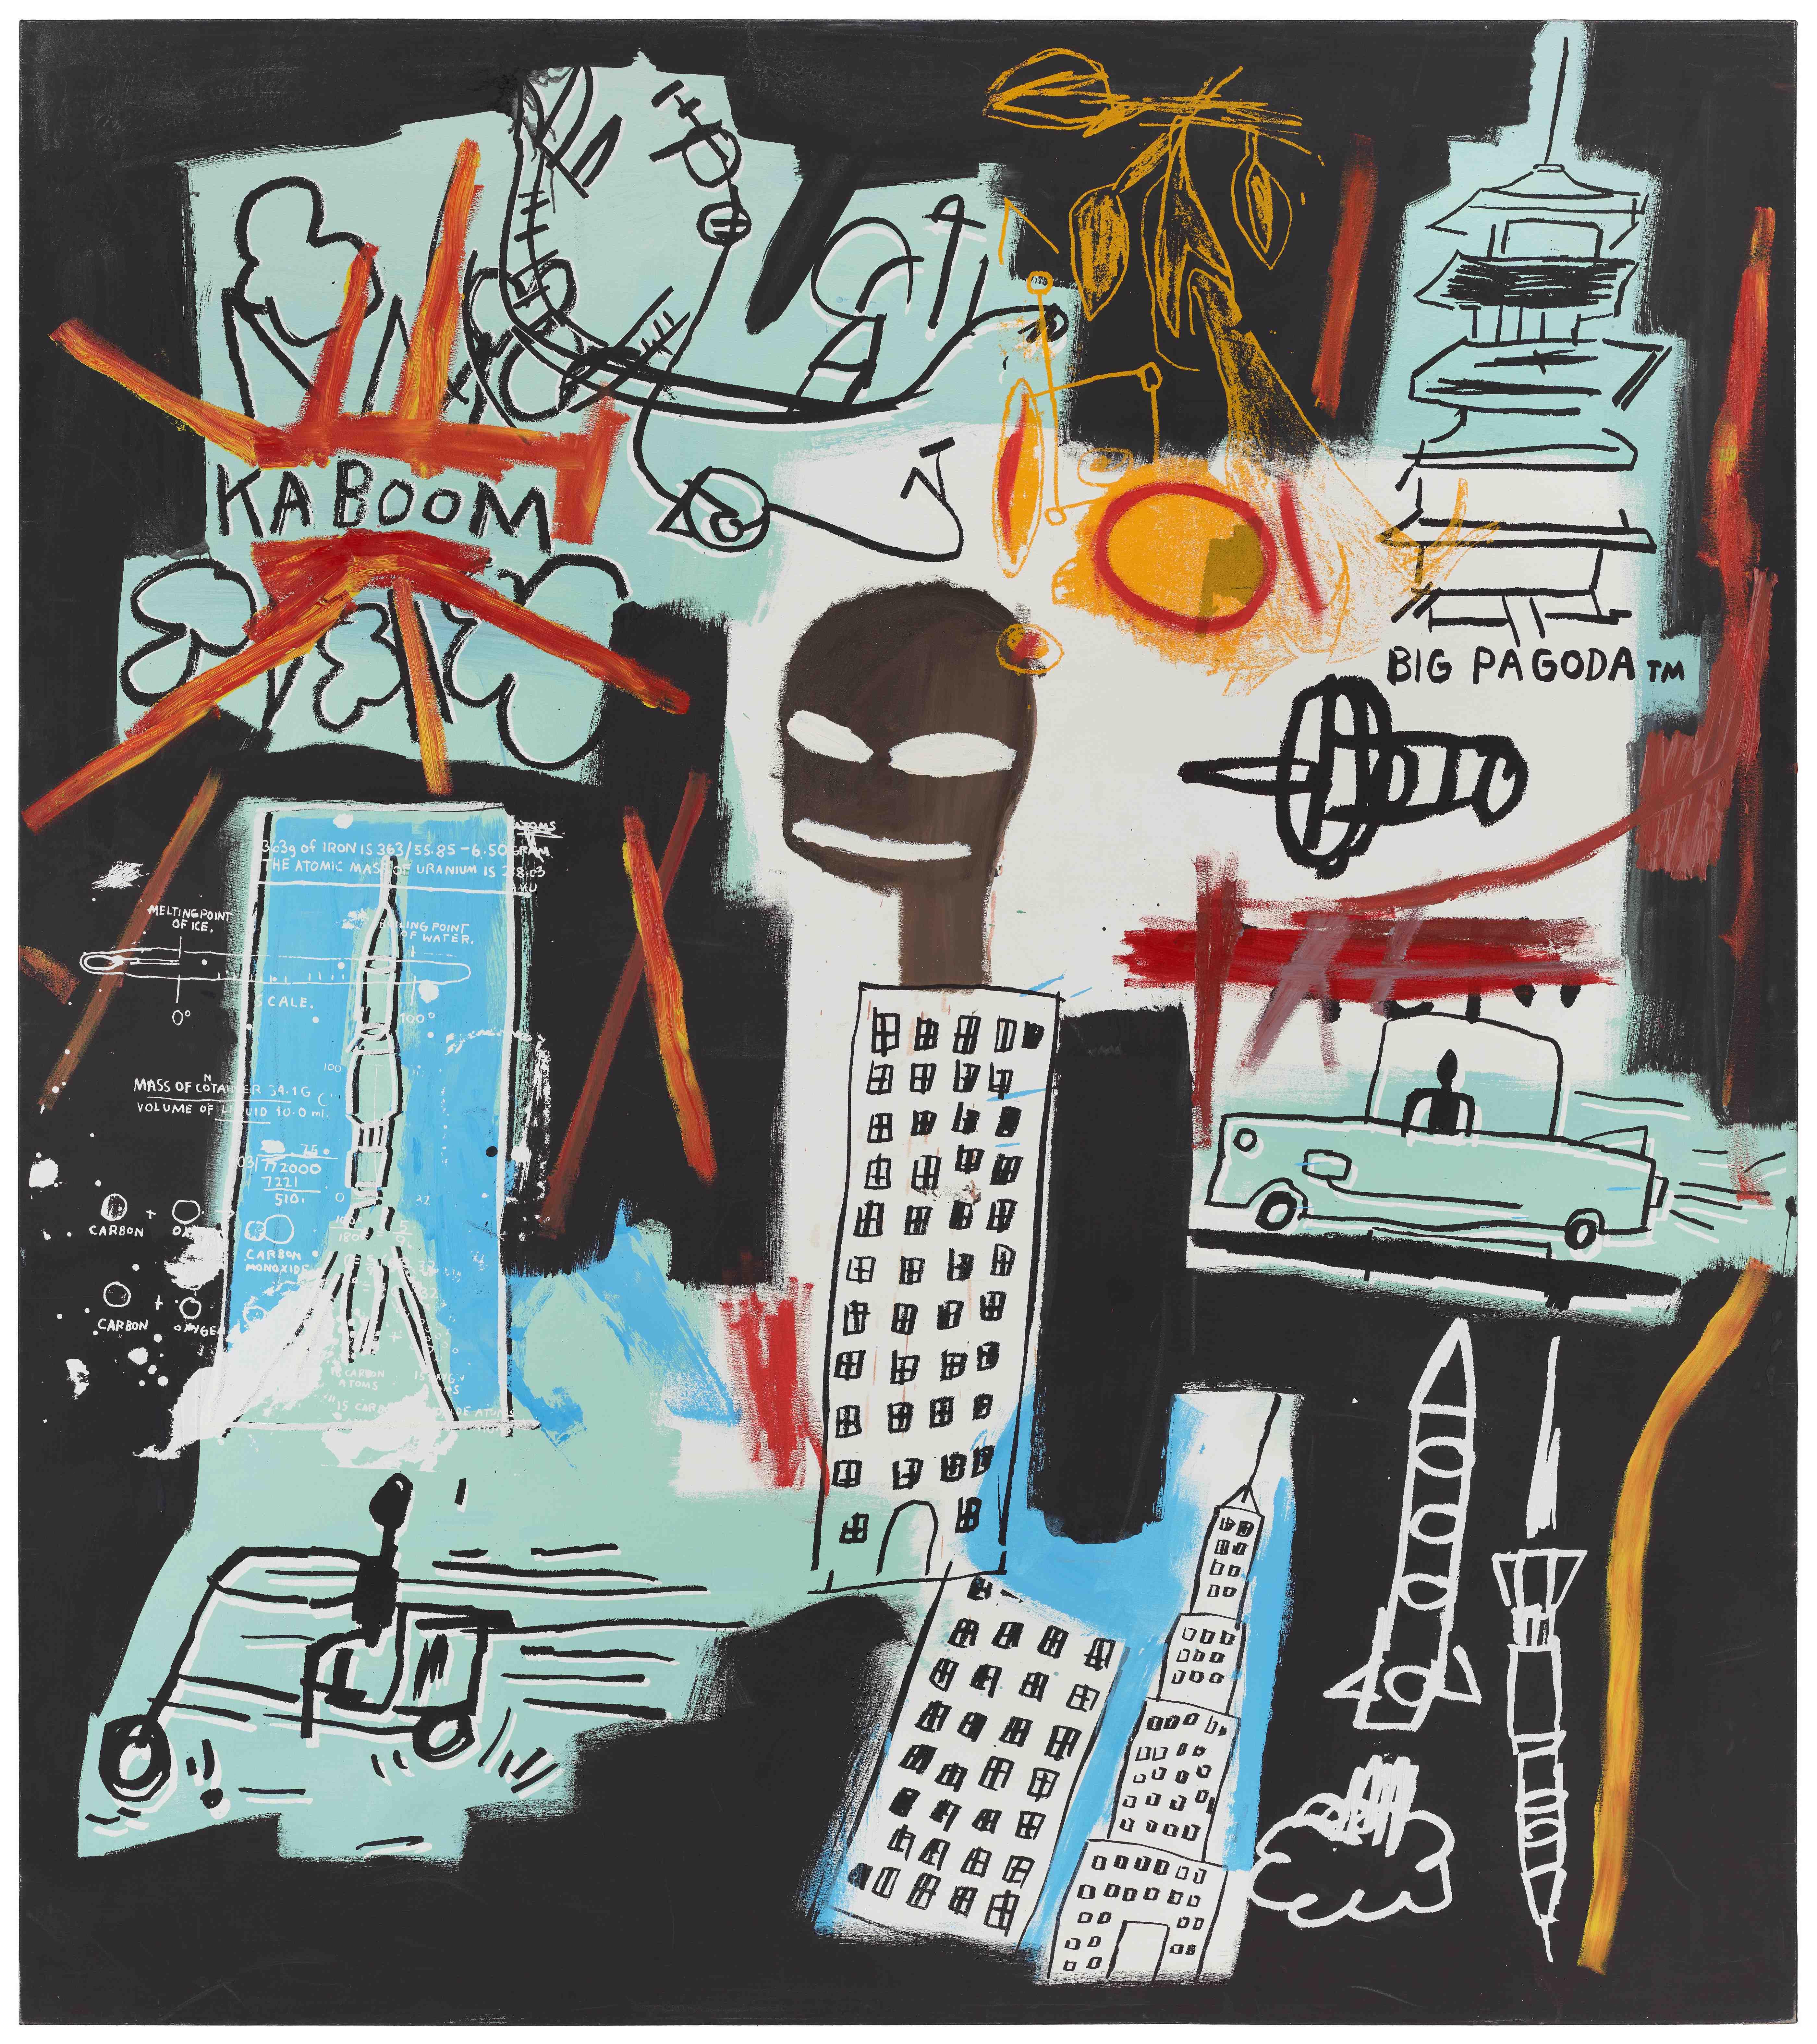 ジャン=ミシェル・バスキア<br /> Carbon/Oxygen, 1984<br /> Hall Collection<br /> Artwork © Estate of Jean-Michel Basquiat.